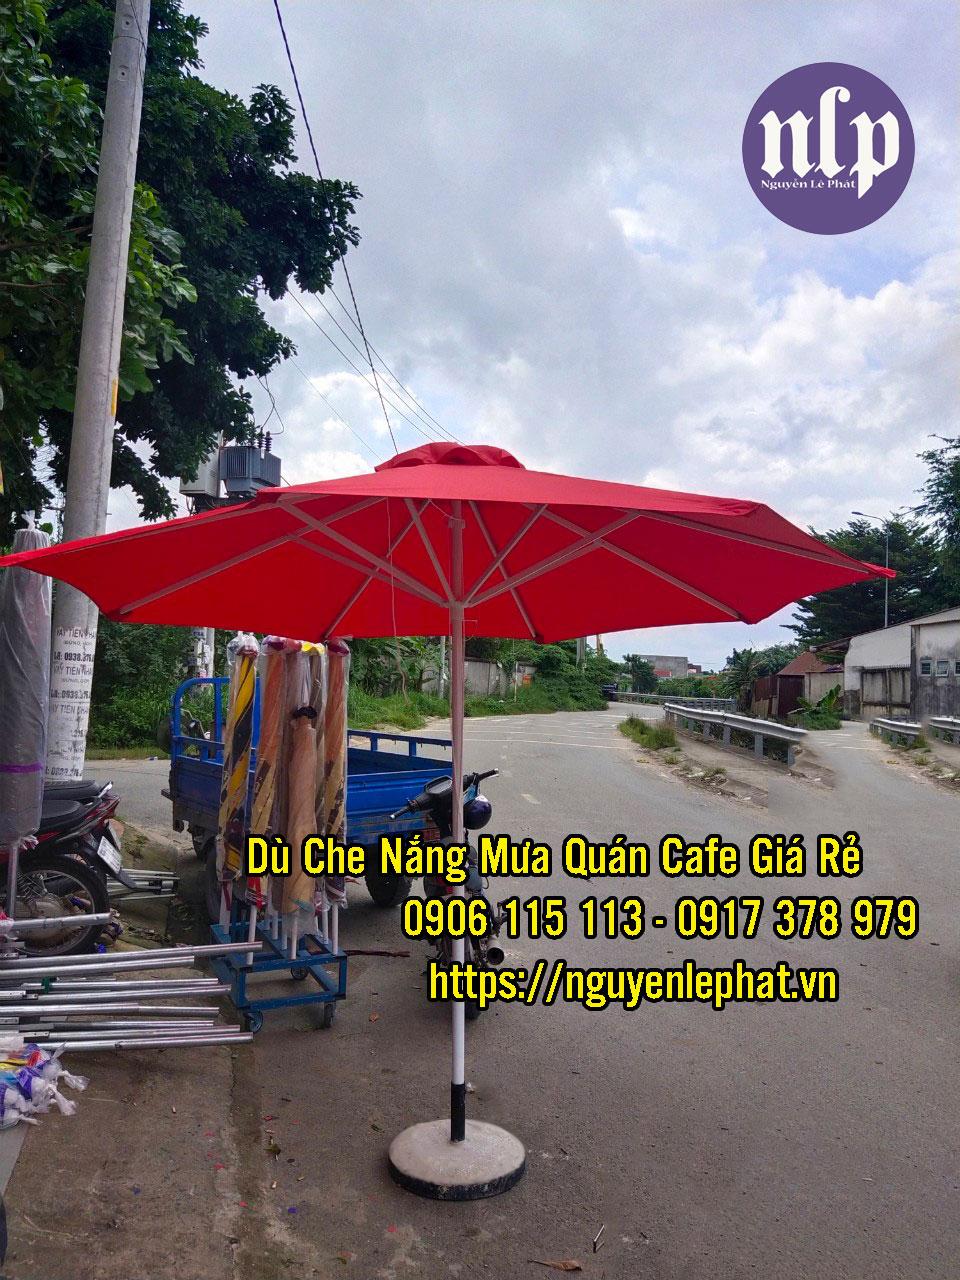 Cung Câp Dù Che Nắng Ngoài Trời Tại Biên Hòa Đồng Nai Giá Rẻ